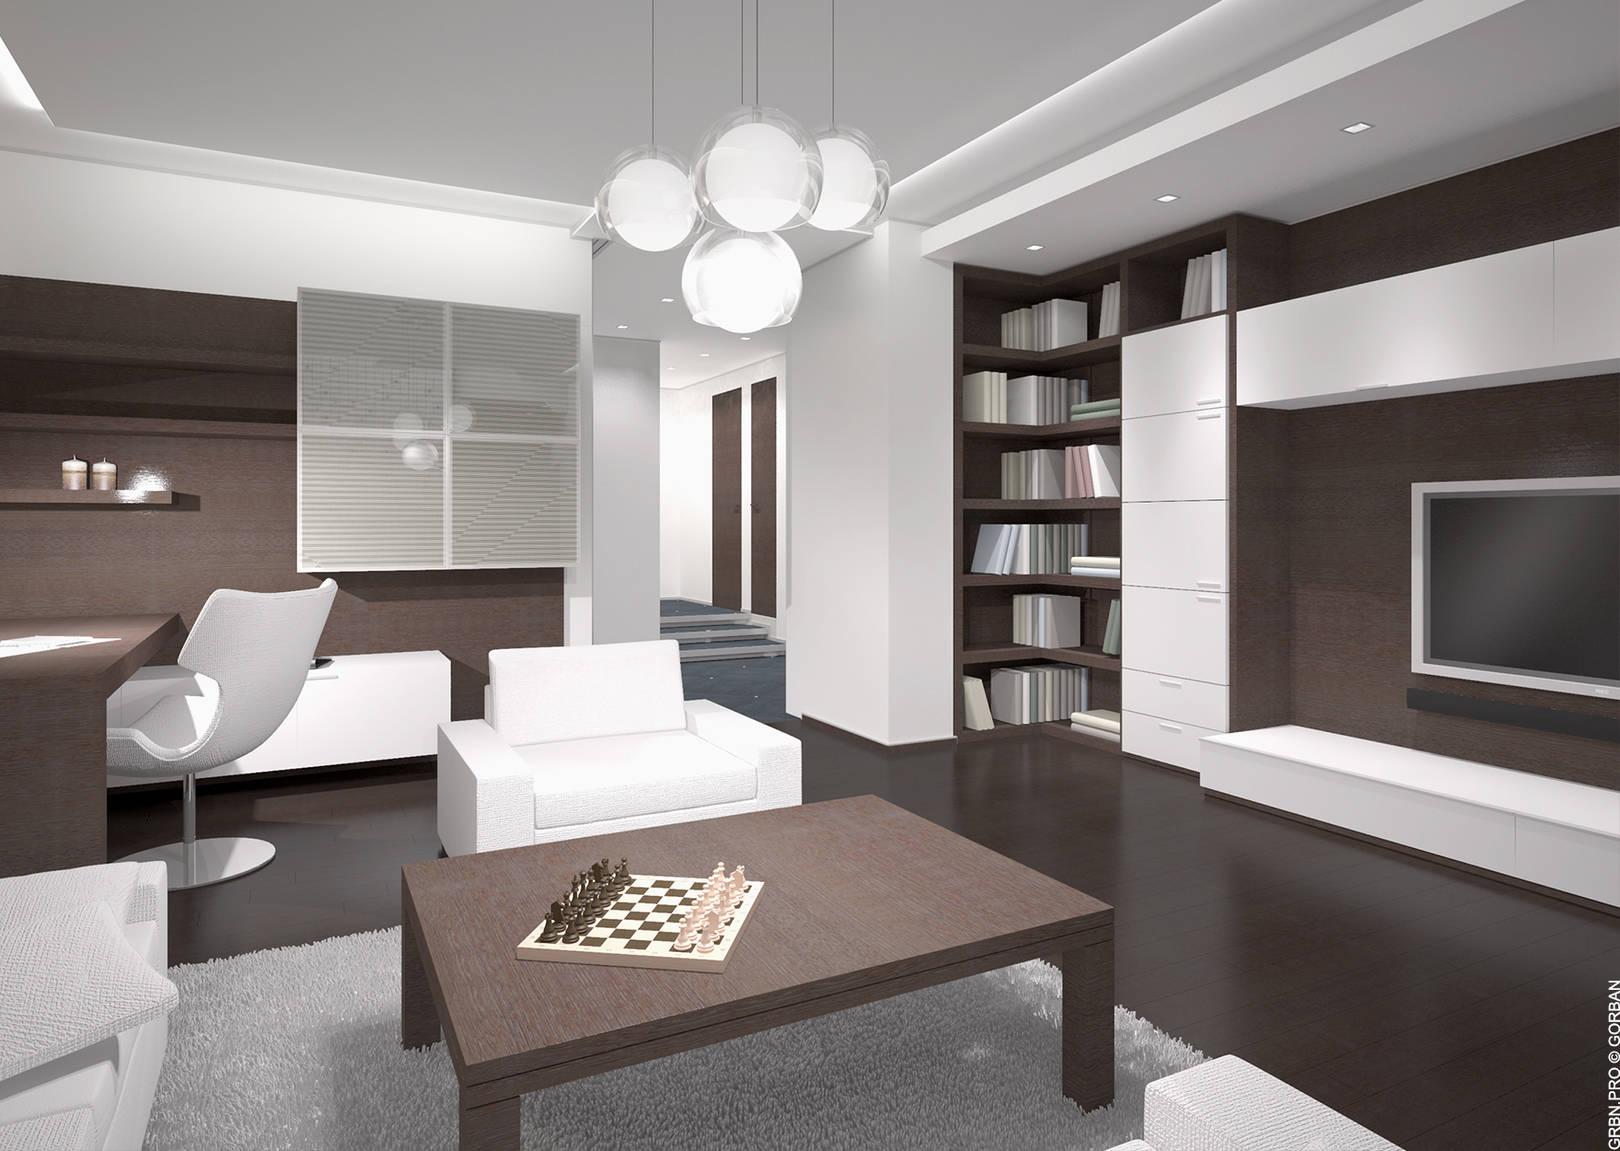 Проект интерьера квартиры. Гостиная. 3D визуализация.